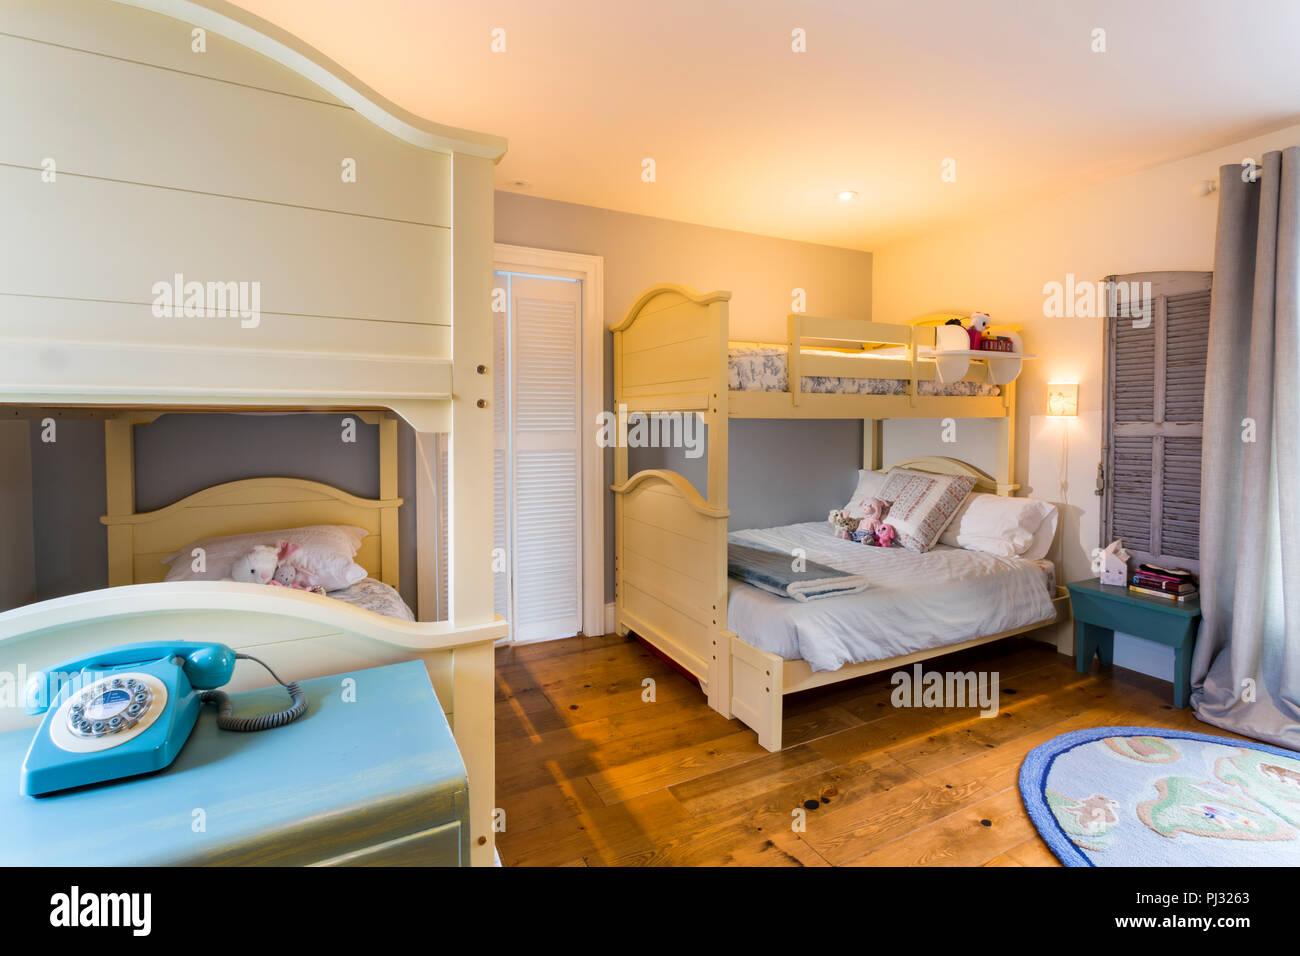 Letto A Castello Bambini : I bambini s camera da letto con letti a castello foto & immagine